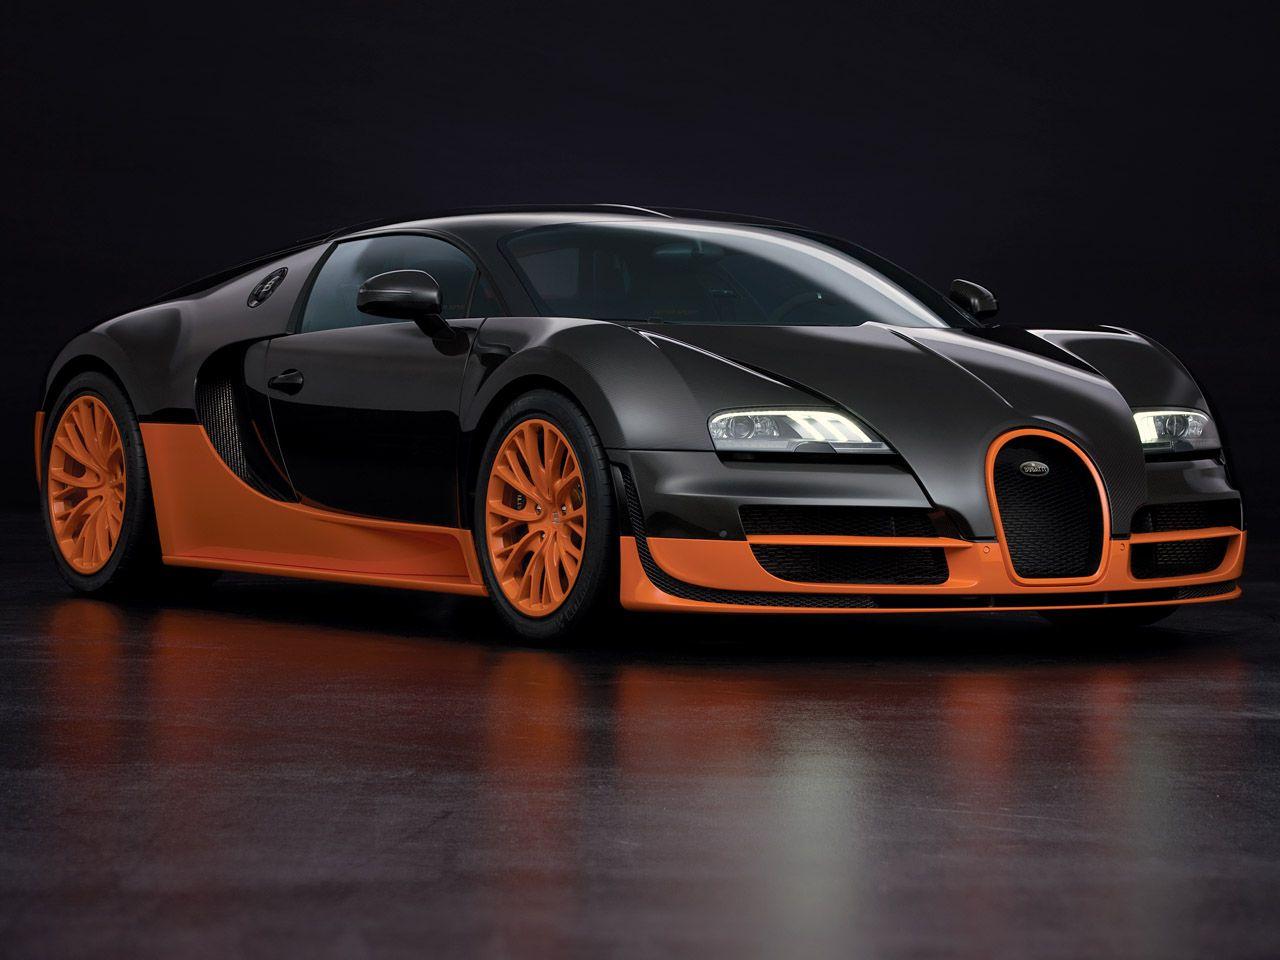 Bugatti Veyron Supersport Sports Car Wallpaper Bugatti Cars